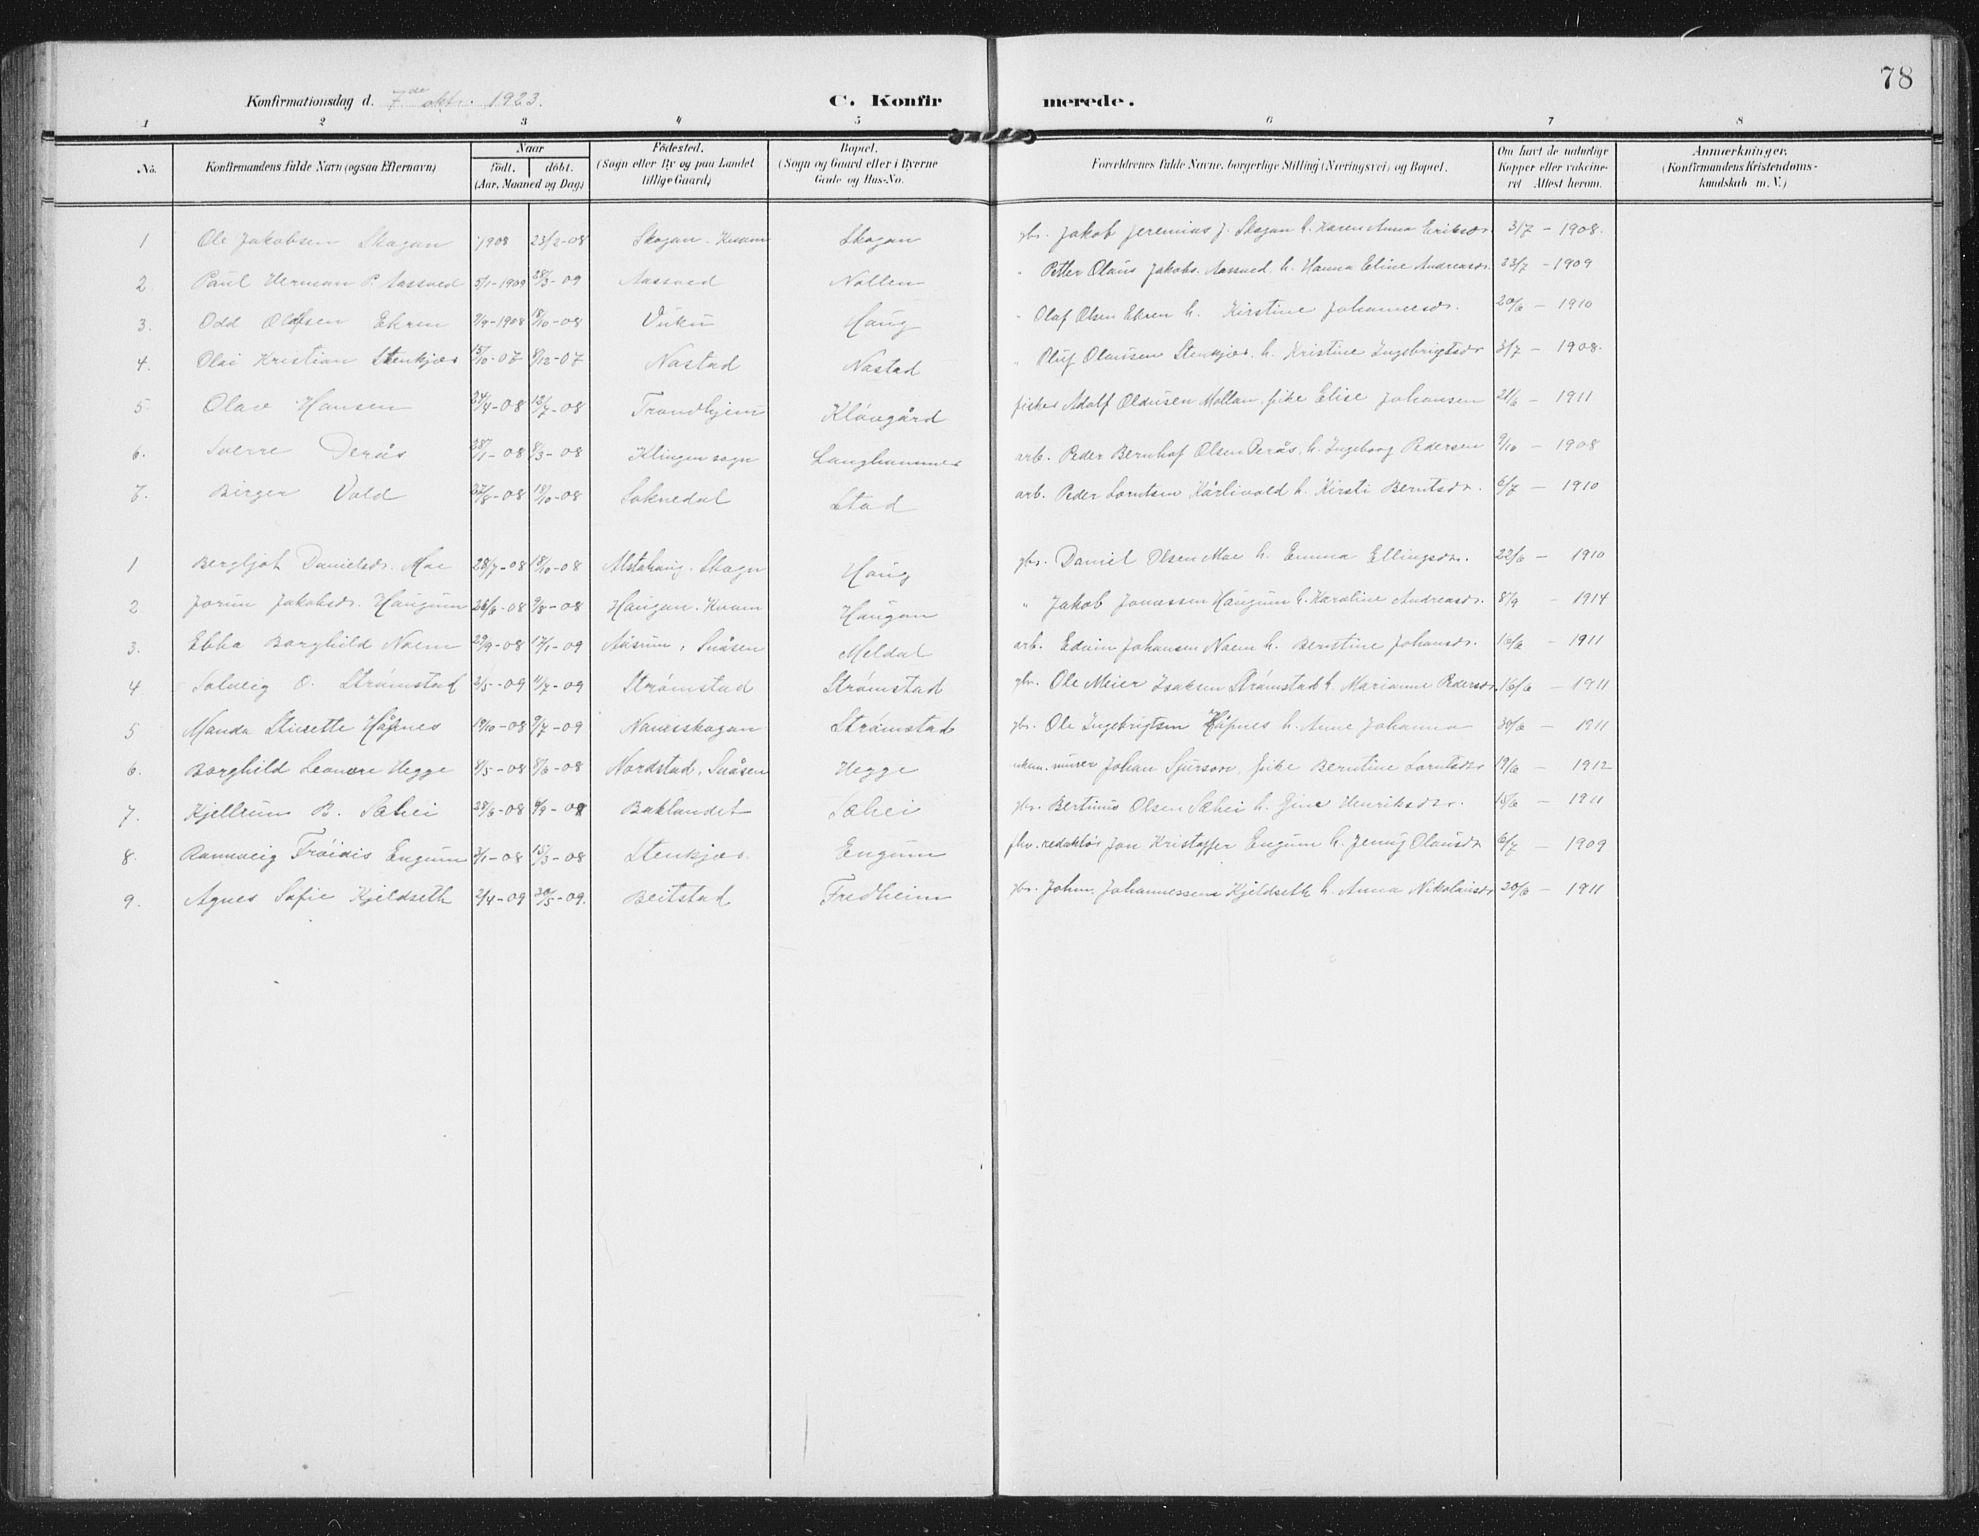 SAT, Ministerialprotokoller, klokkerbøker og fødselsregistre - Nord-Trøndelag, 747/L0460: Klokkerbok nr. 747C02, 1908-1939, s. 78